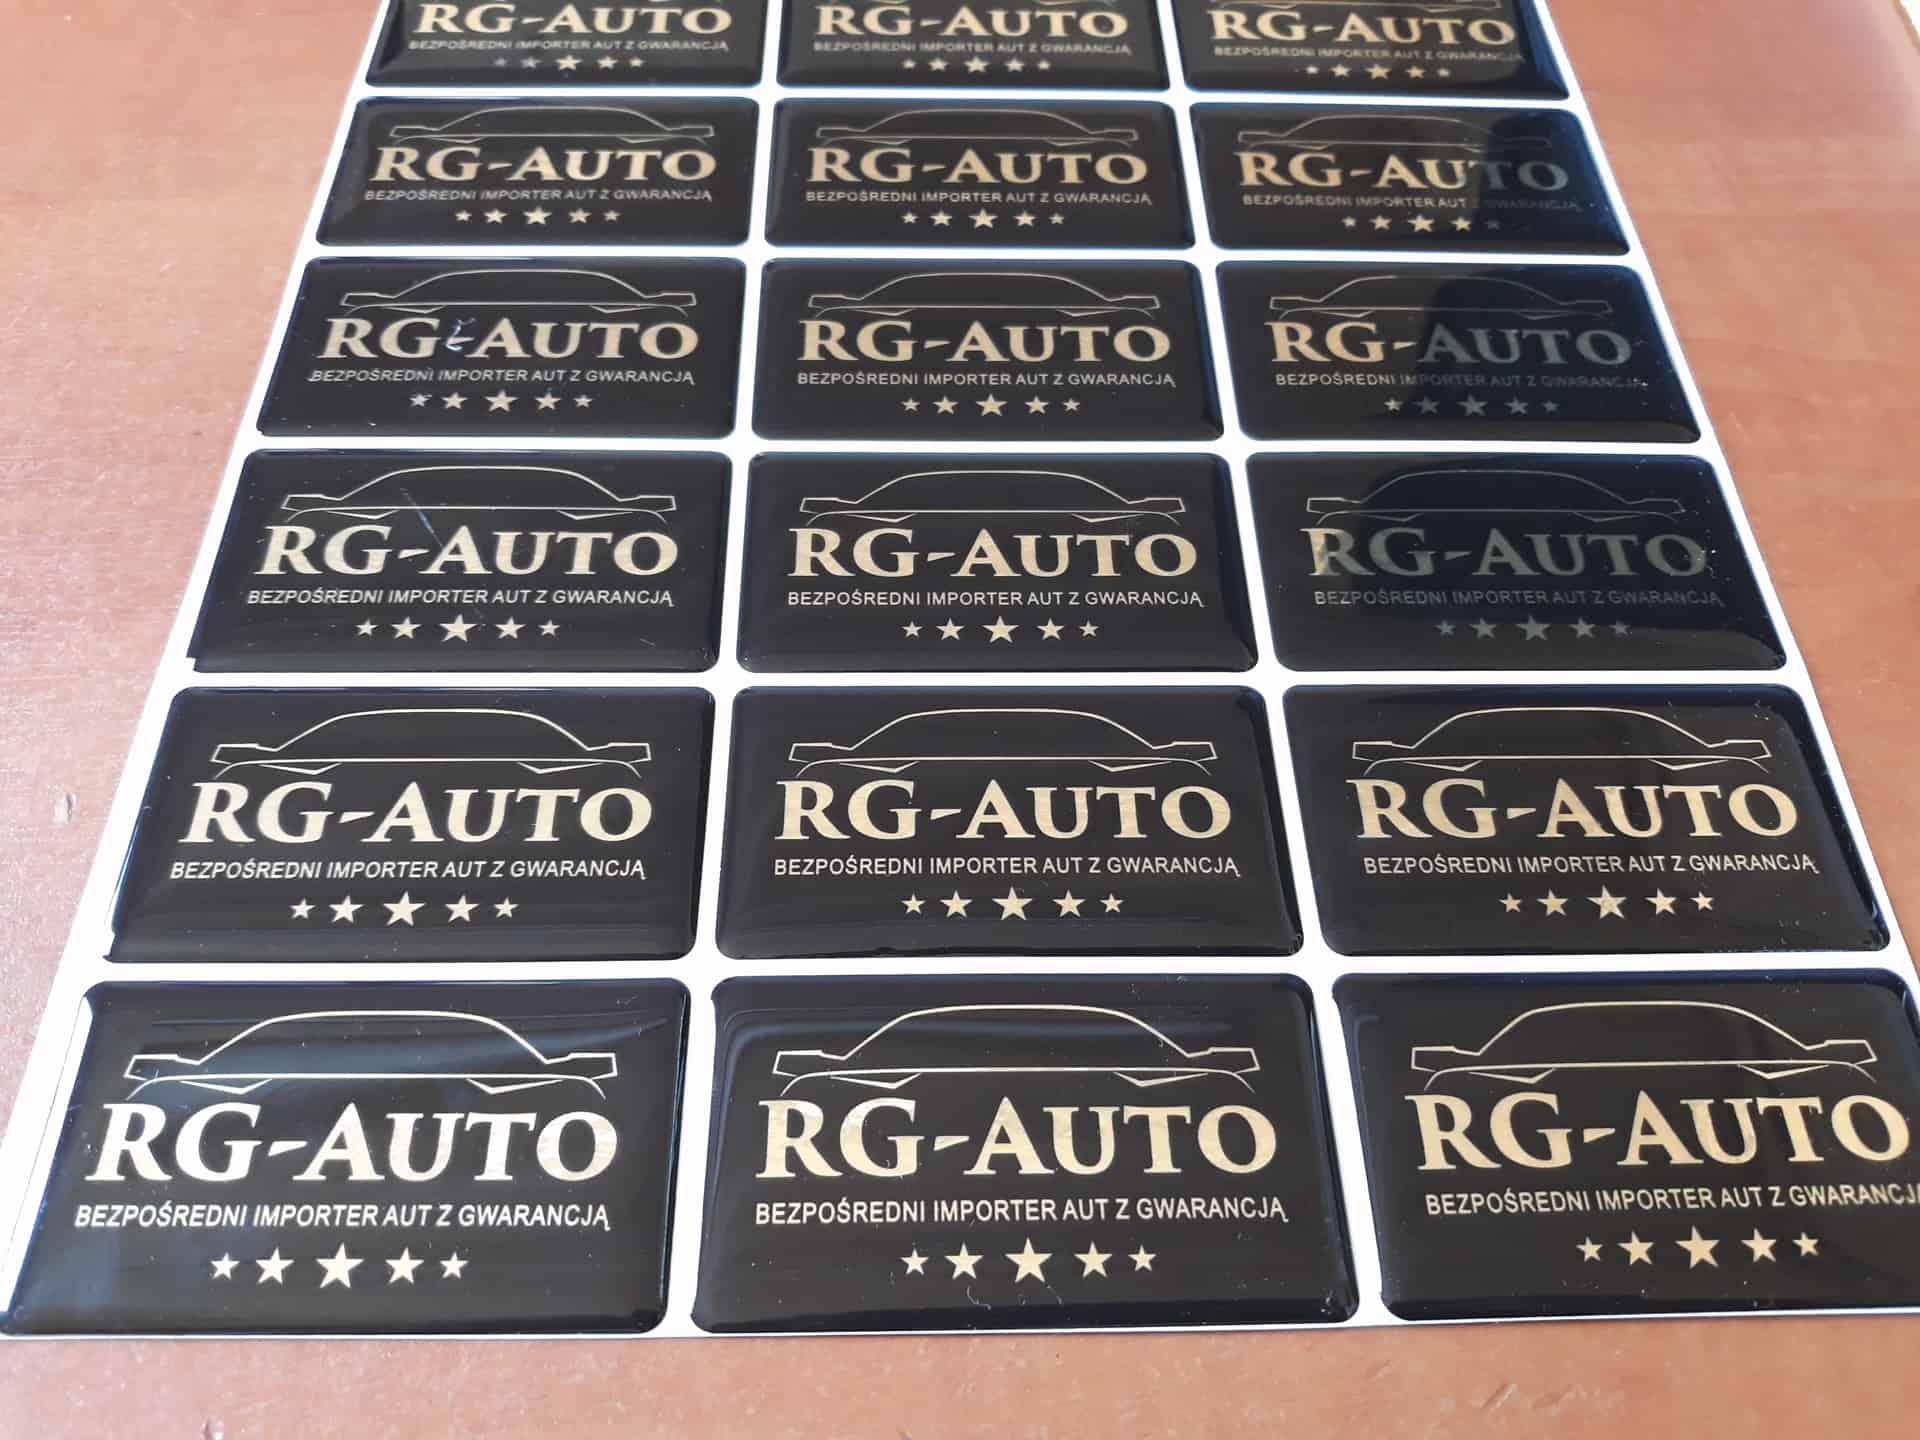 naklejki zalane żywicą z logo RG-Auto